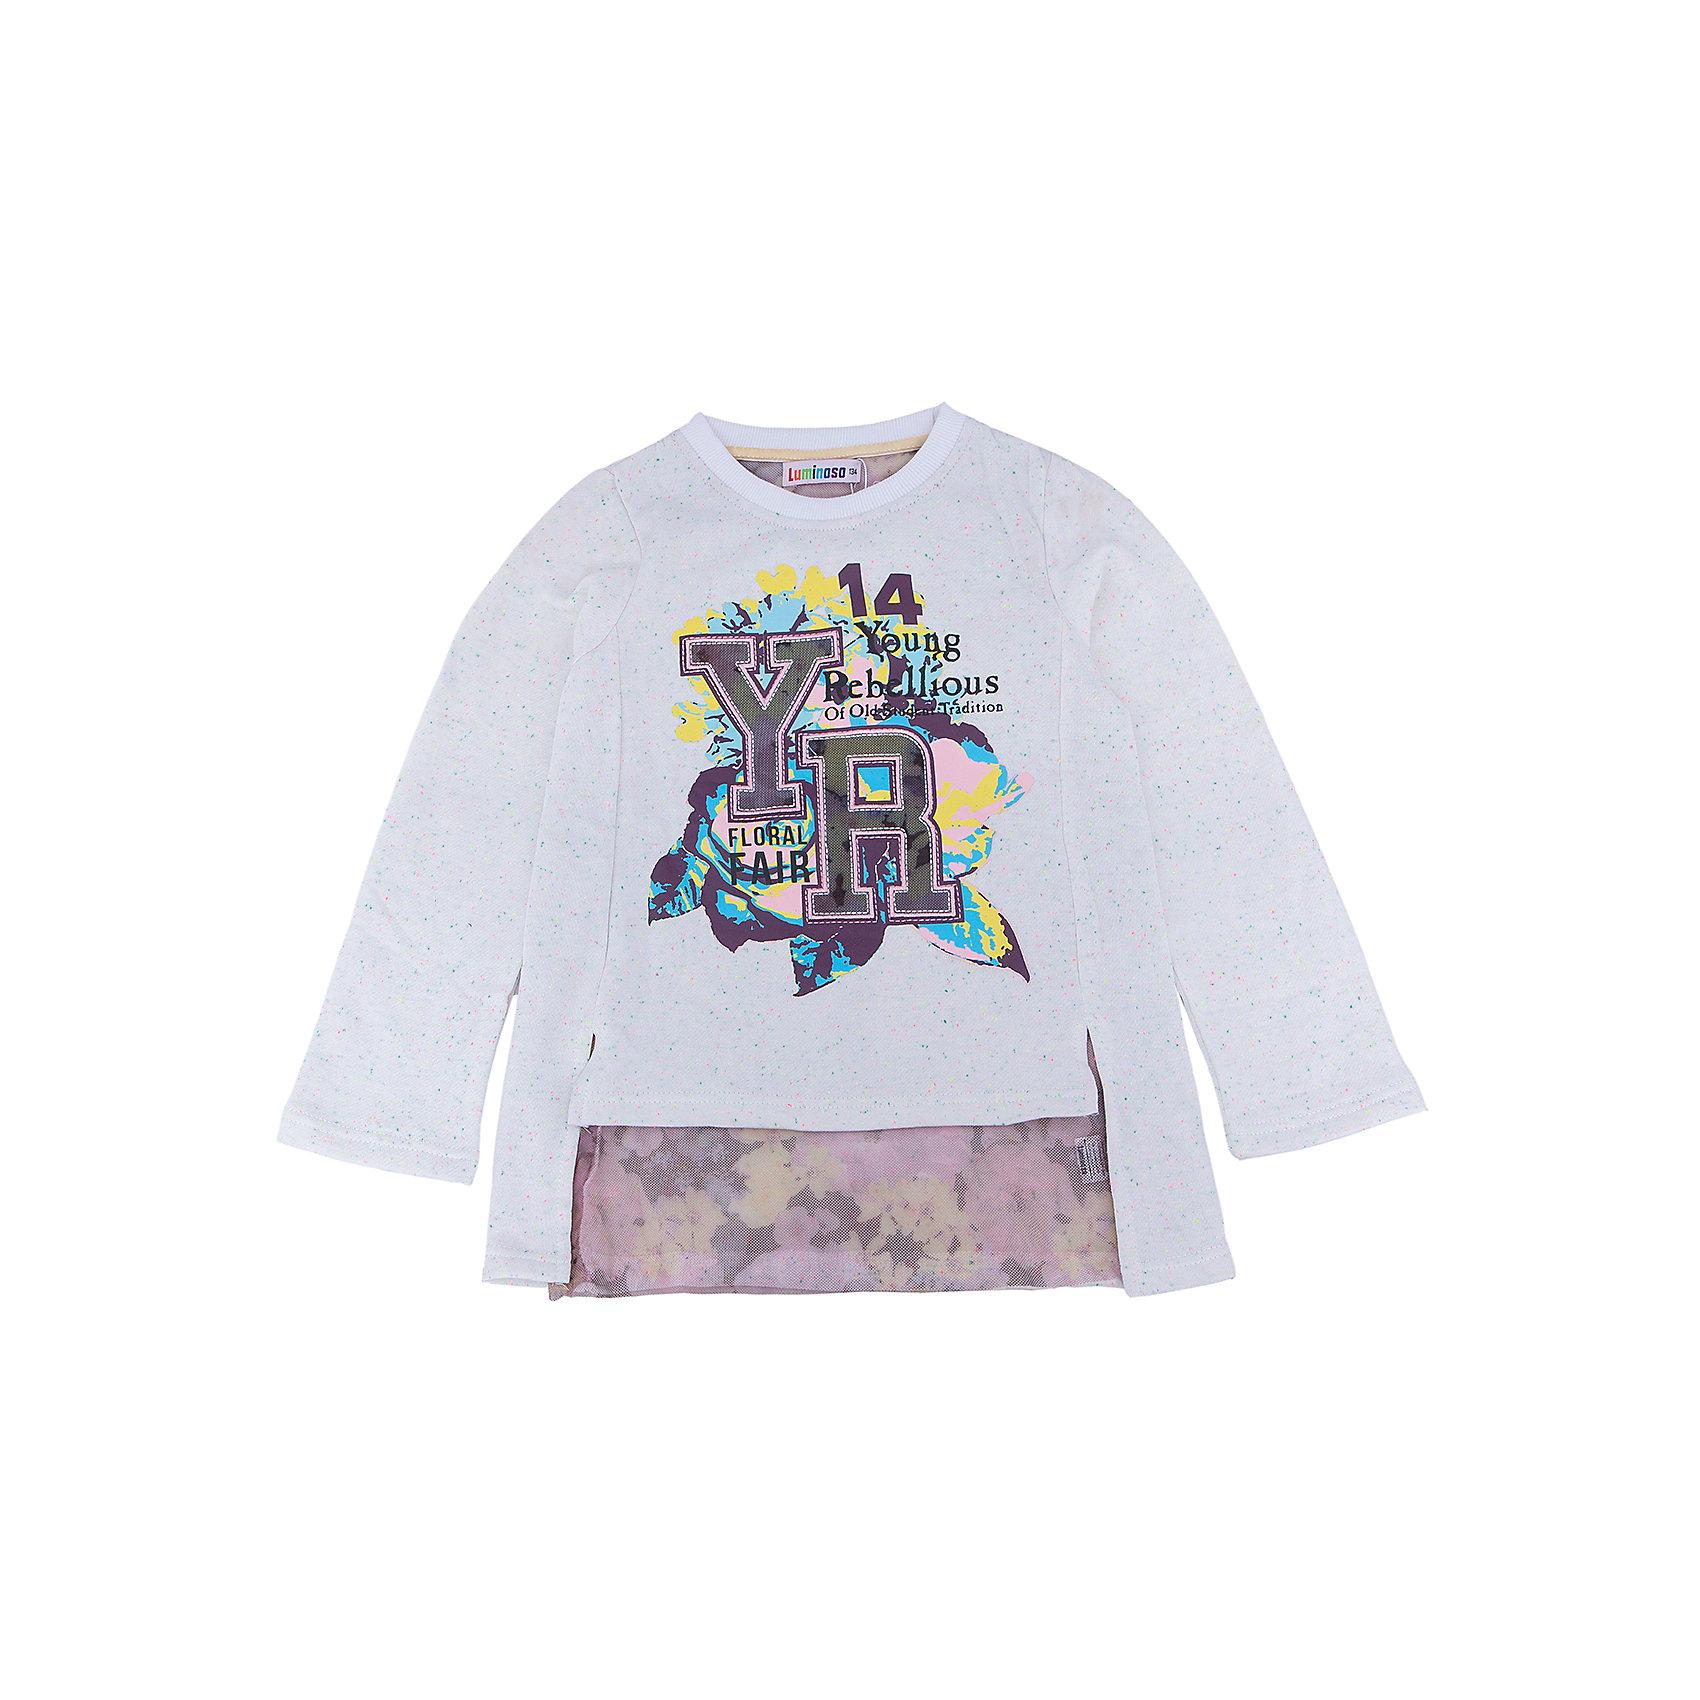 Футболка с длинным рукавом для девочки LuminosoХарактеристики товара:<br><br>- цвет: бежевый;<br>- материал: 95% хлопок, 5% эластан;<br>- декорирована принтом;<br>- длинный рукав;<br>- по низу футболки мягкая принтованная сетка.<br><br>Стильная одежда от бренда Luminoso (Люминосо), созданная при участии итальянских дизайнеров, учитывает потребности подростков и последние веяния моды. Она удобная и модная.<br>Эта футболка с длинным рукавом выглядит стильно и нарядно, но при этом подходит для ежедневного ношения. Он хорошо сидит на ребенке, обеспечивает комфорт и отлично сочетается с одежной разных стилей. Модель отличается высоким качеством материала и продуманным дизайном. Натуральный хлопок в составе изделия делает его дышащим, приятным на ощупь и гипоаллергеным.<br><br>Футболку с длинным рукавом для девочки от бренда Luminoso (Люминосо) можно купить в нашем интернет-магазине.<br><br>Ширина мм: 230<br>Глубина мм: 40<br>Высота мм: 220<br>Вес г: 250<br>Цвет: бежевый<br>Возраст от месяцев: 156<br>Возраст до месяцев: 168<br>Пол: Женский<br>Возраст: Детский<br>Размер: 164,134,140,146,152,158<br>SKU: 4929626